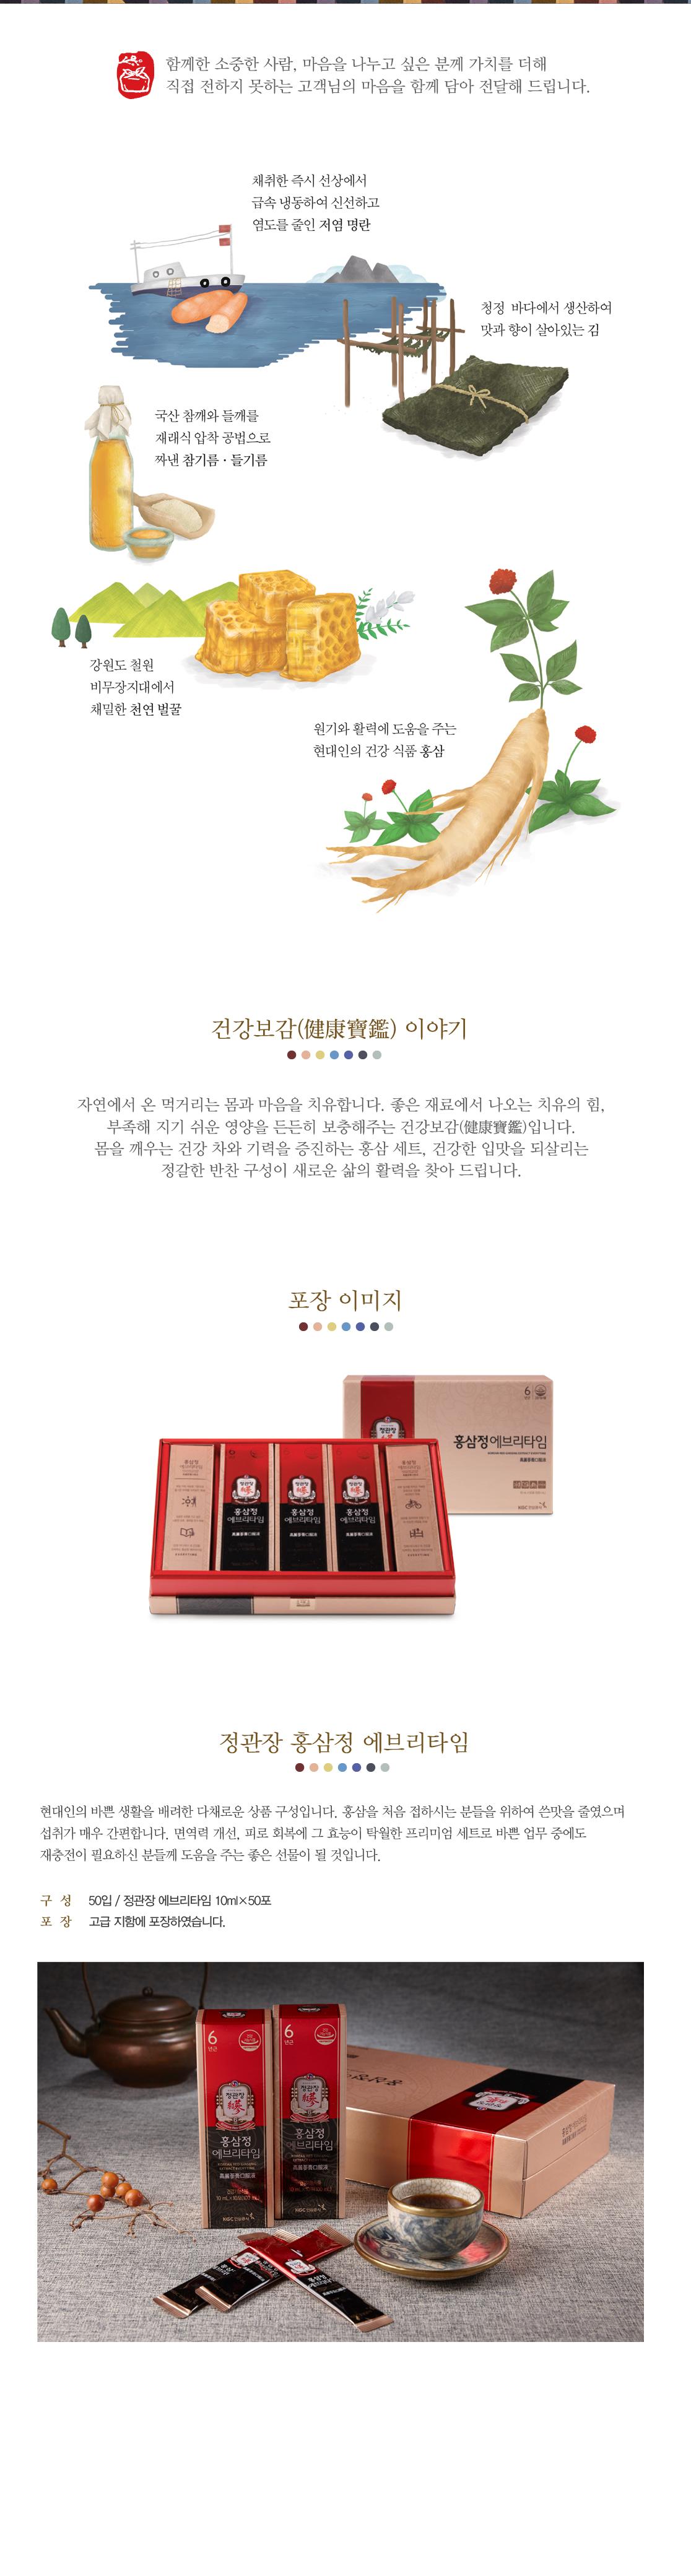 정관장 홍삼정에브리타임 50P